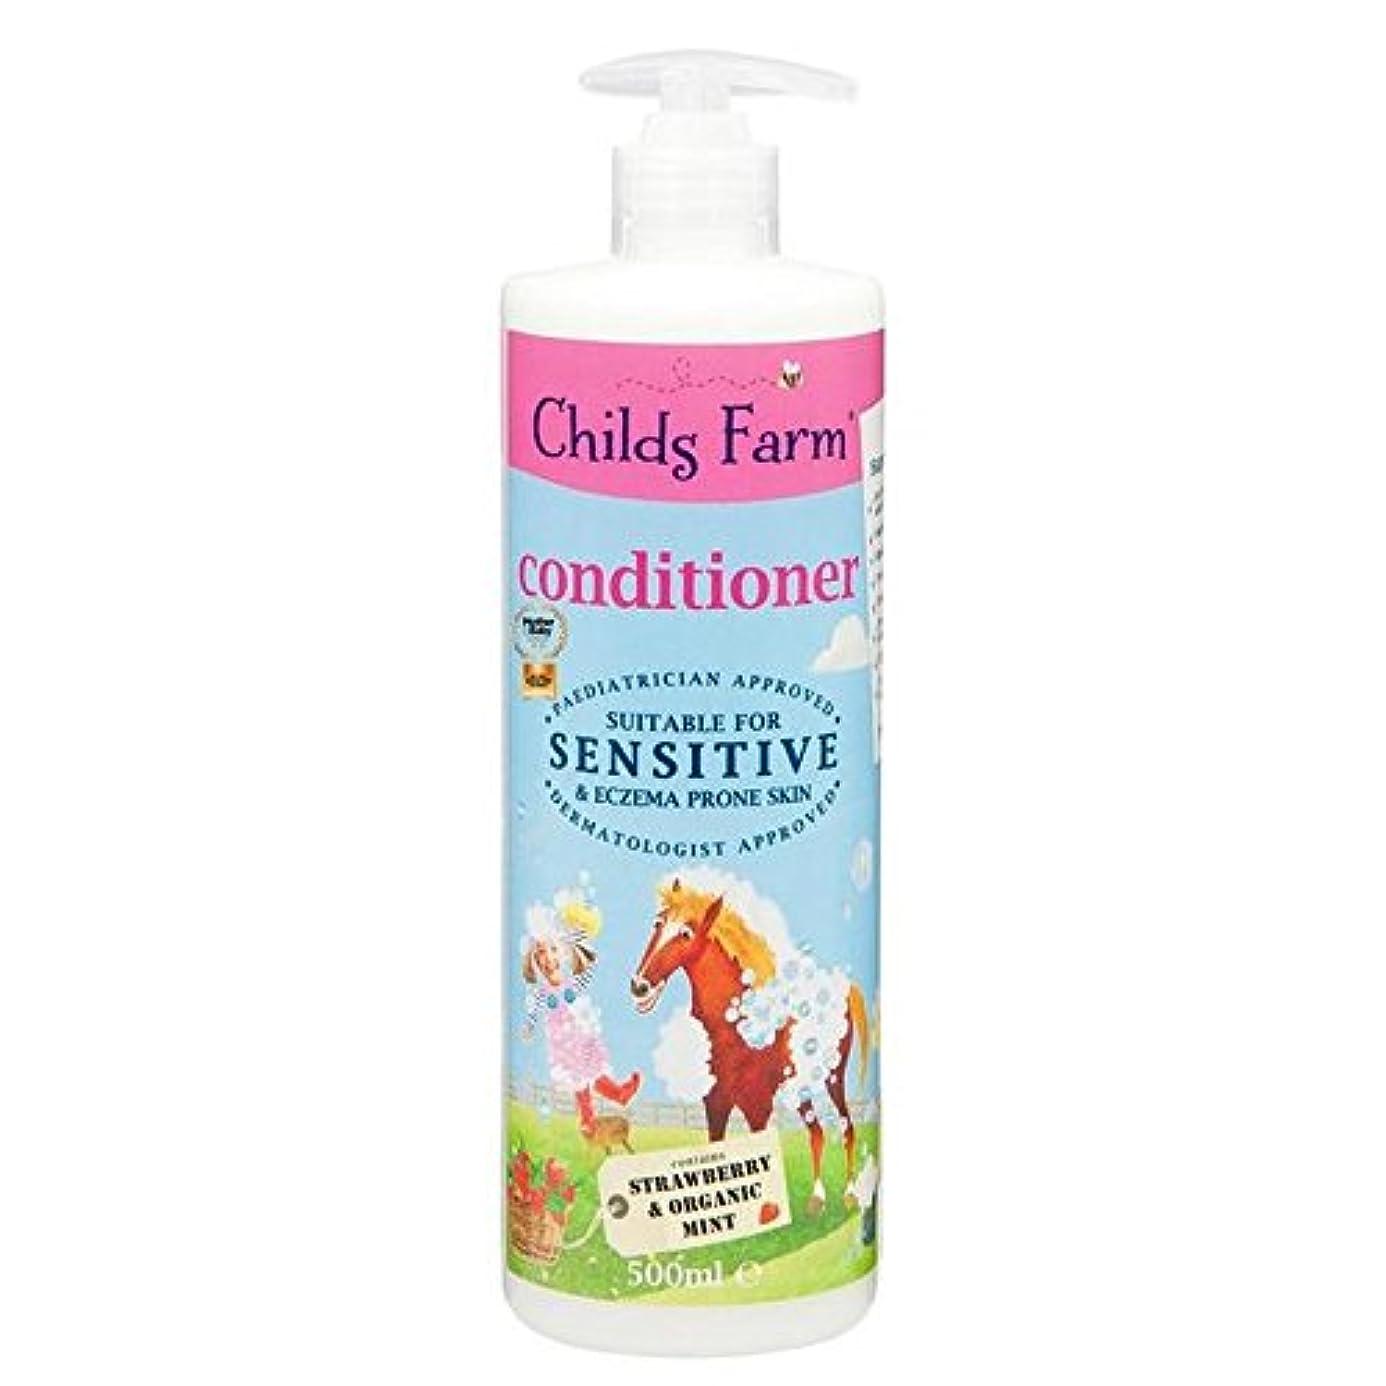 蒸話出来事Childs Farm Conditioner for Unruly Hair 500ml - 手に負えない髪の500ミリリットルのためのチャイルズファームコンディショナー [並行輸入品]